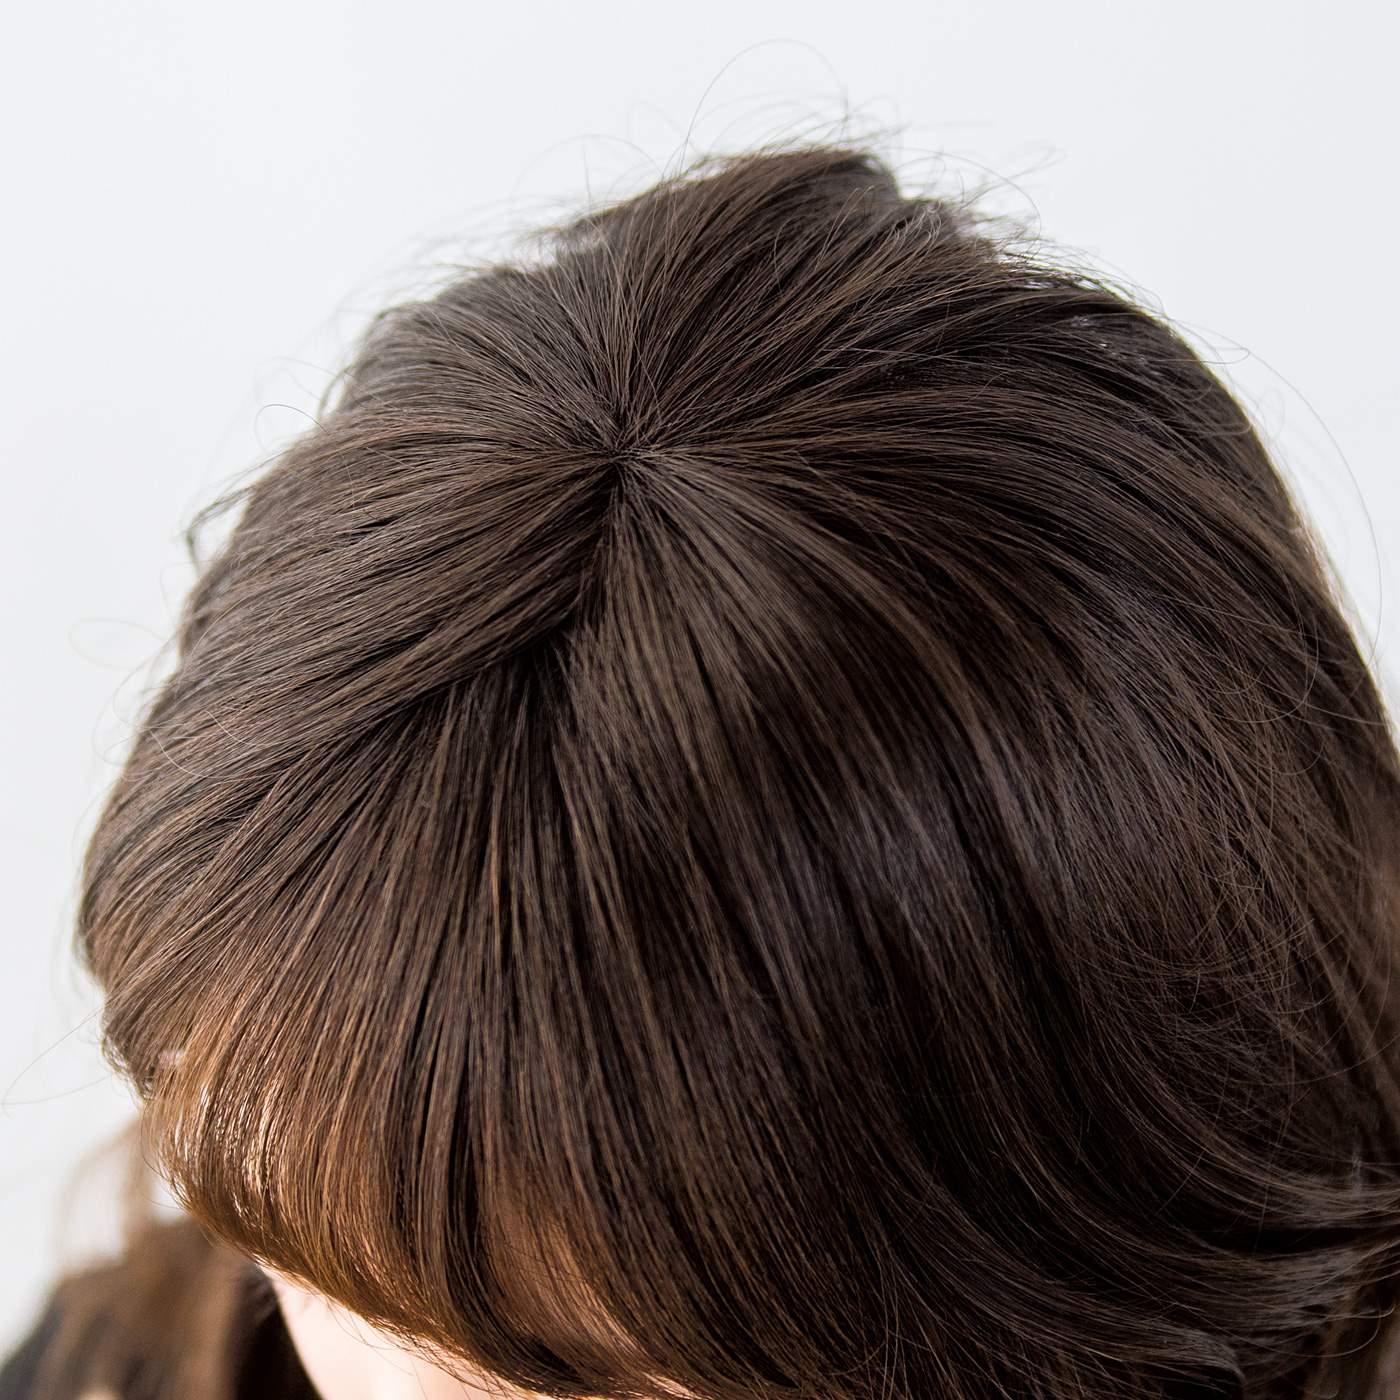 After つむじをカバーでマイナス5歳印象。伸びかけの白髪も隠せます。